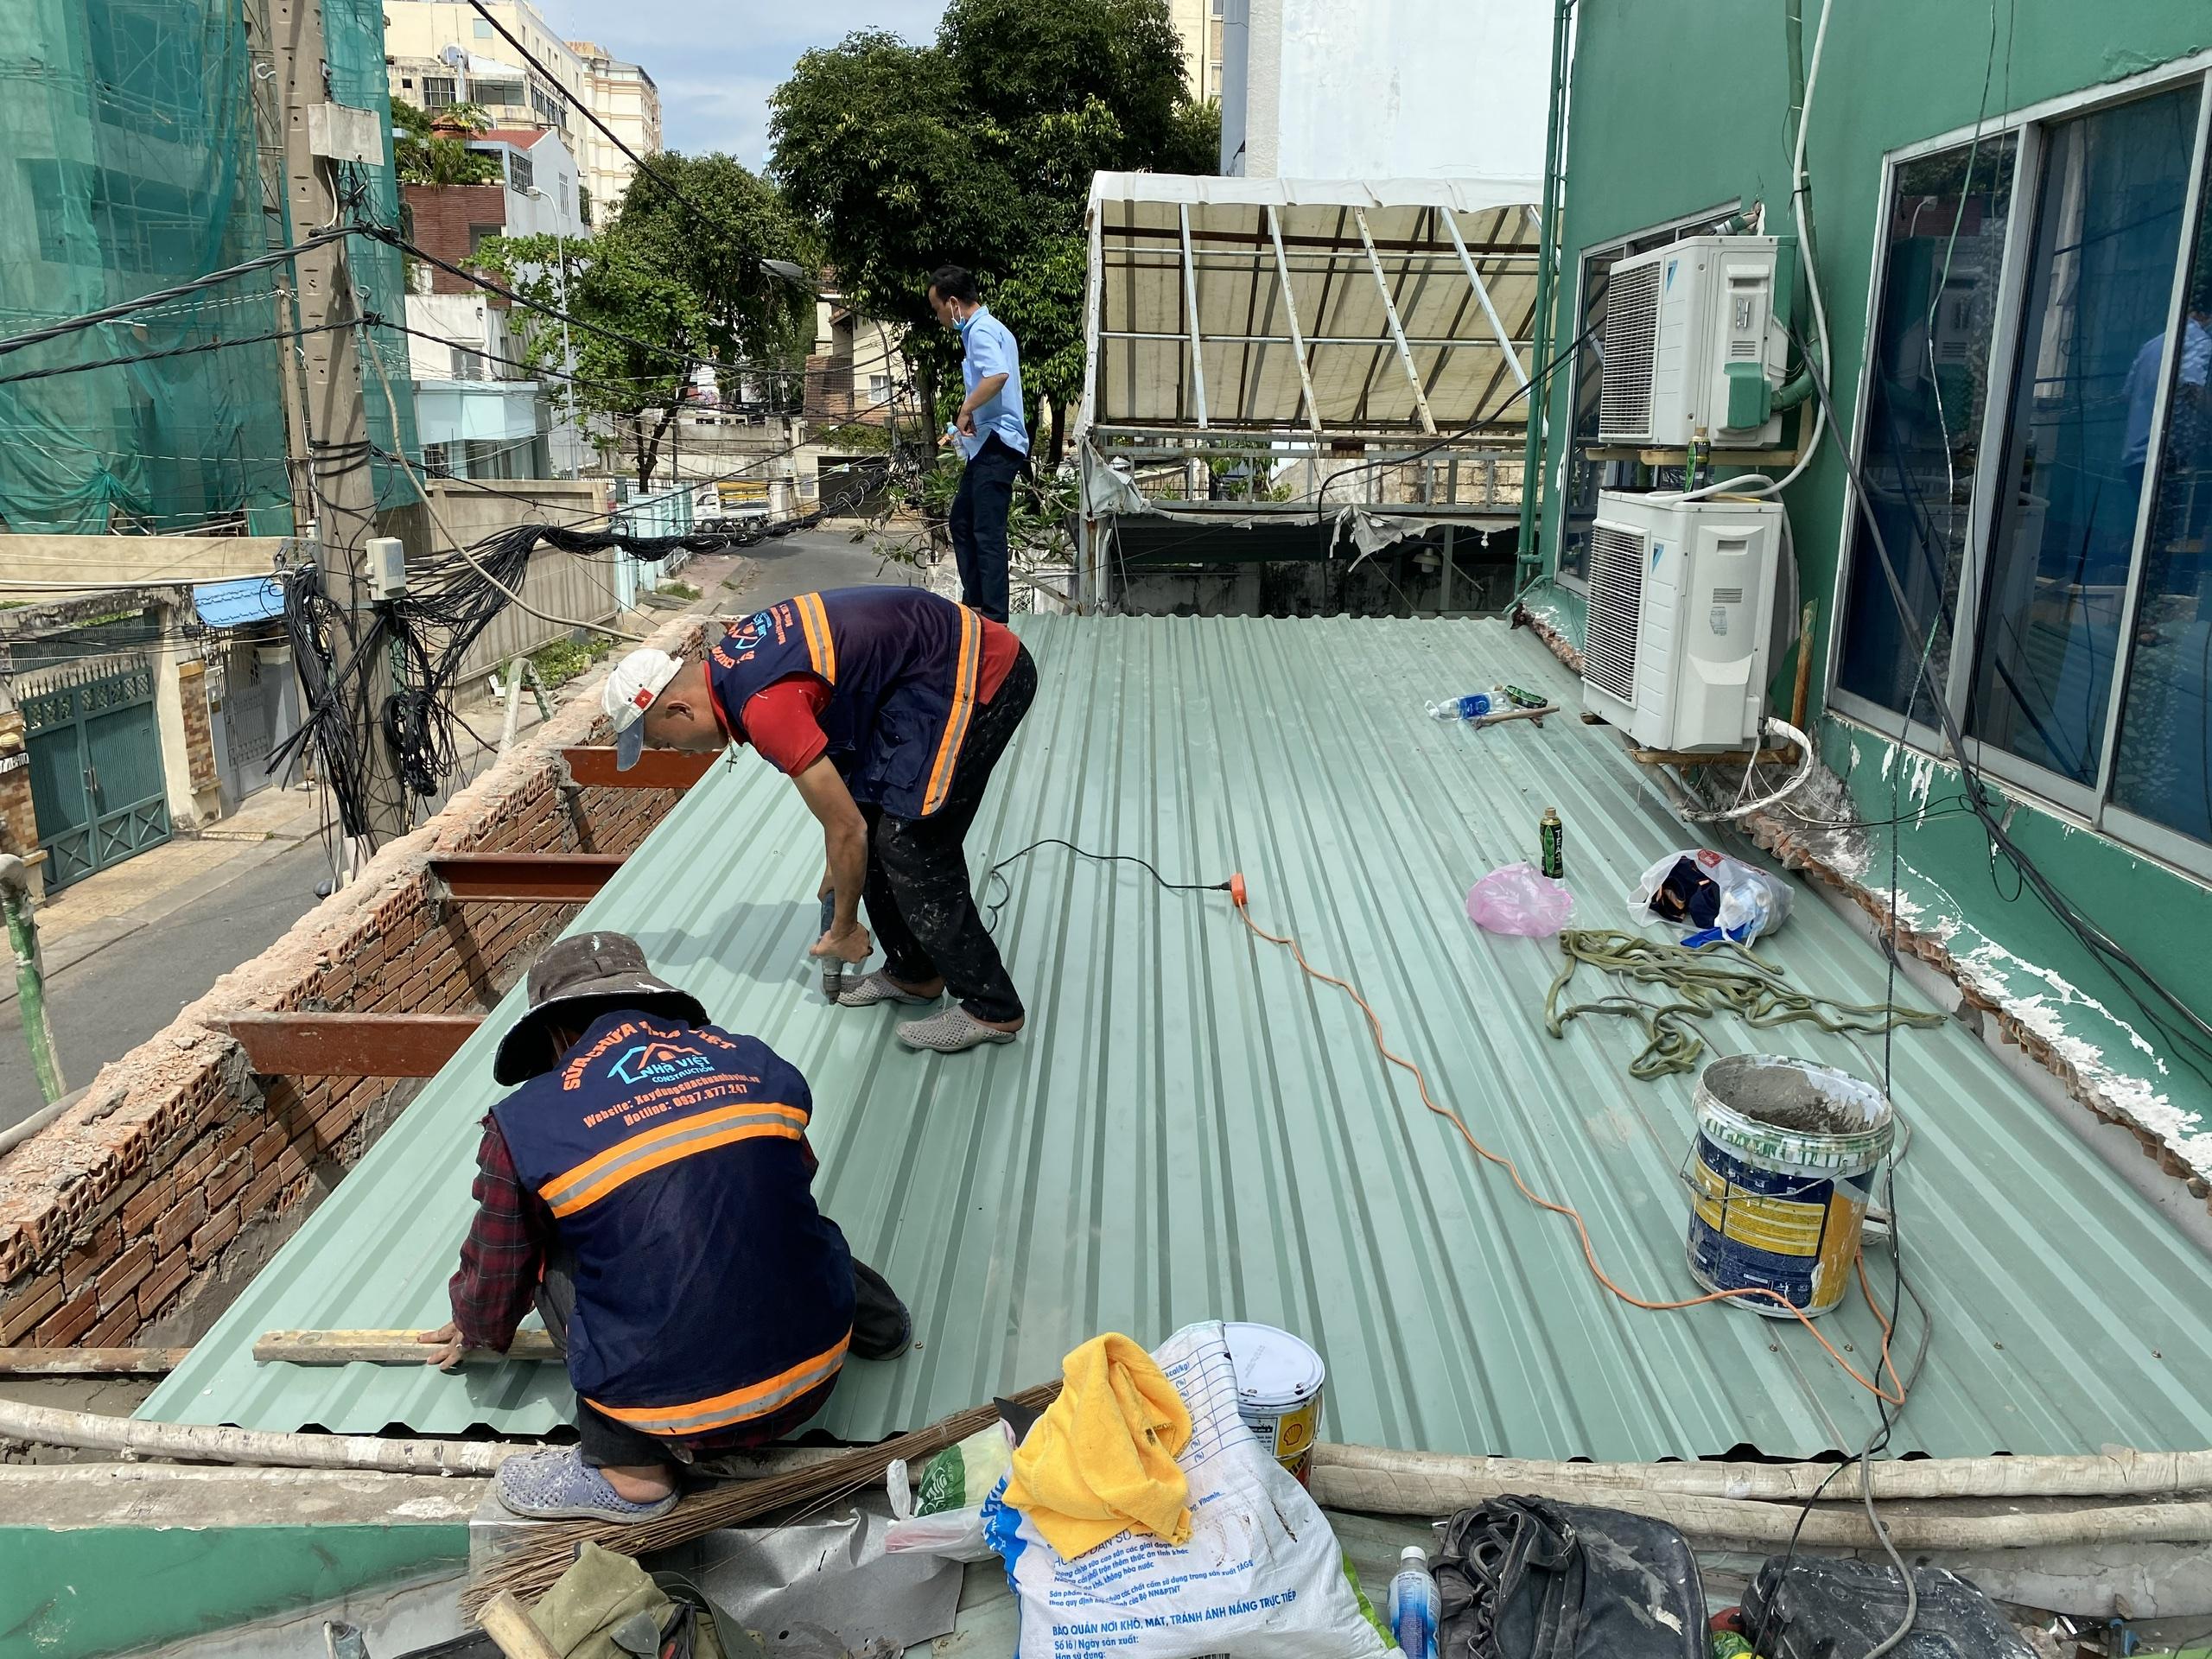 chong dot mai ton tphcm 3 - Thợ Chống dột mái tôn TP Hồ Chí Minh triệt để 100%